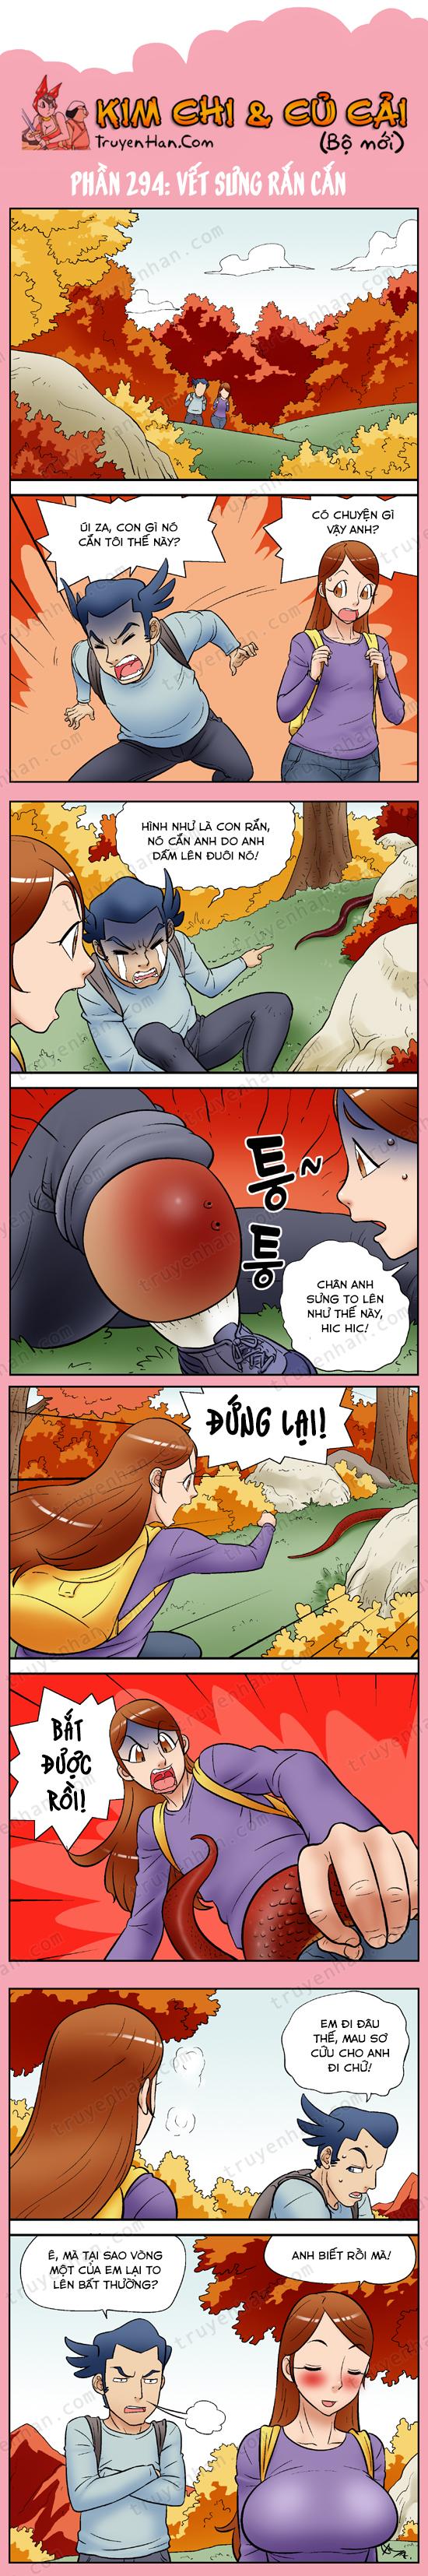 Kim Chi & Củ Cải (bộ mới) phần 294: Vết sưng rắn cắn